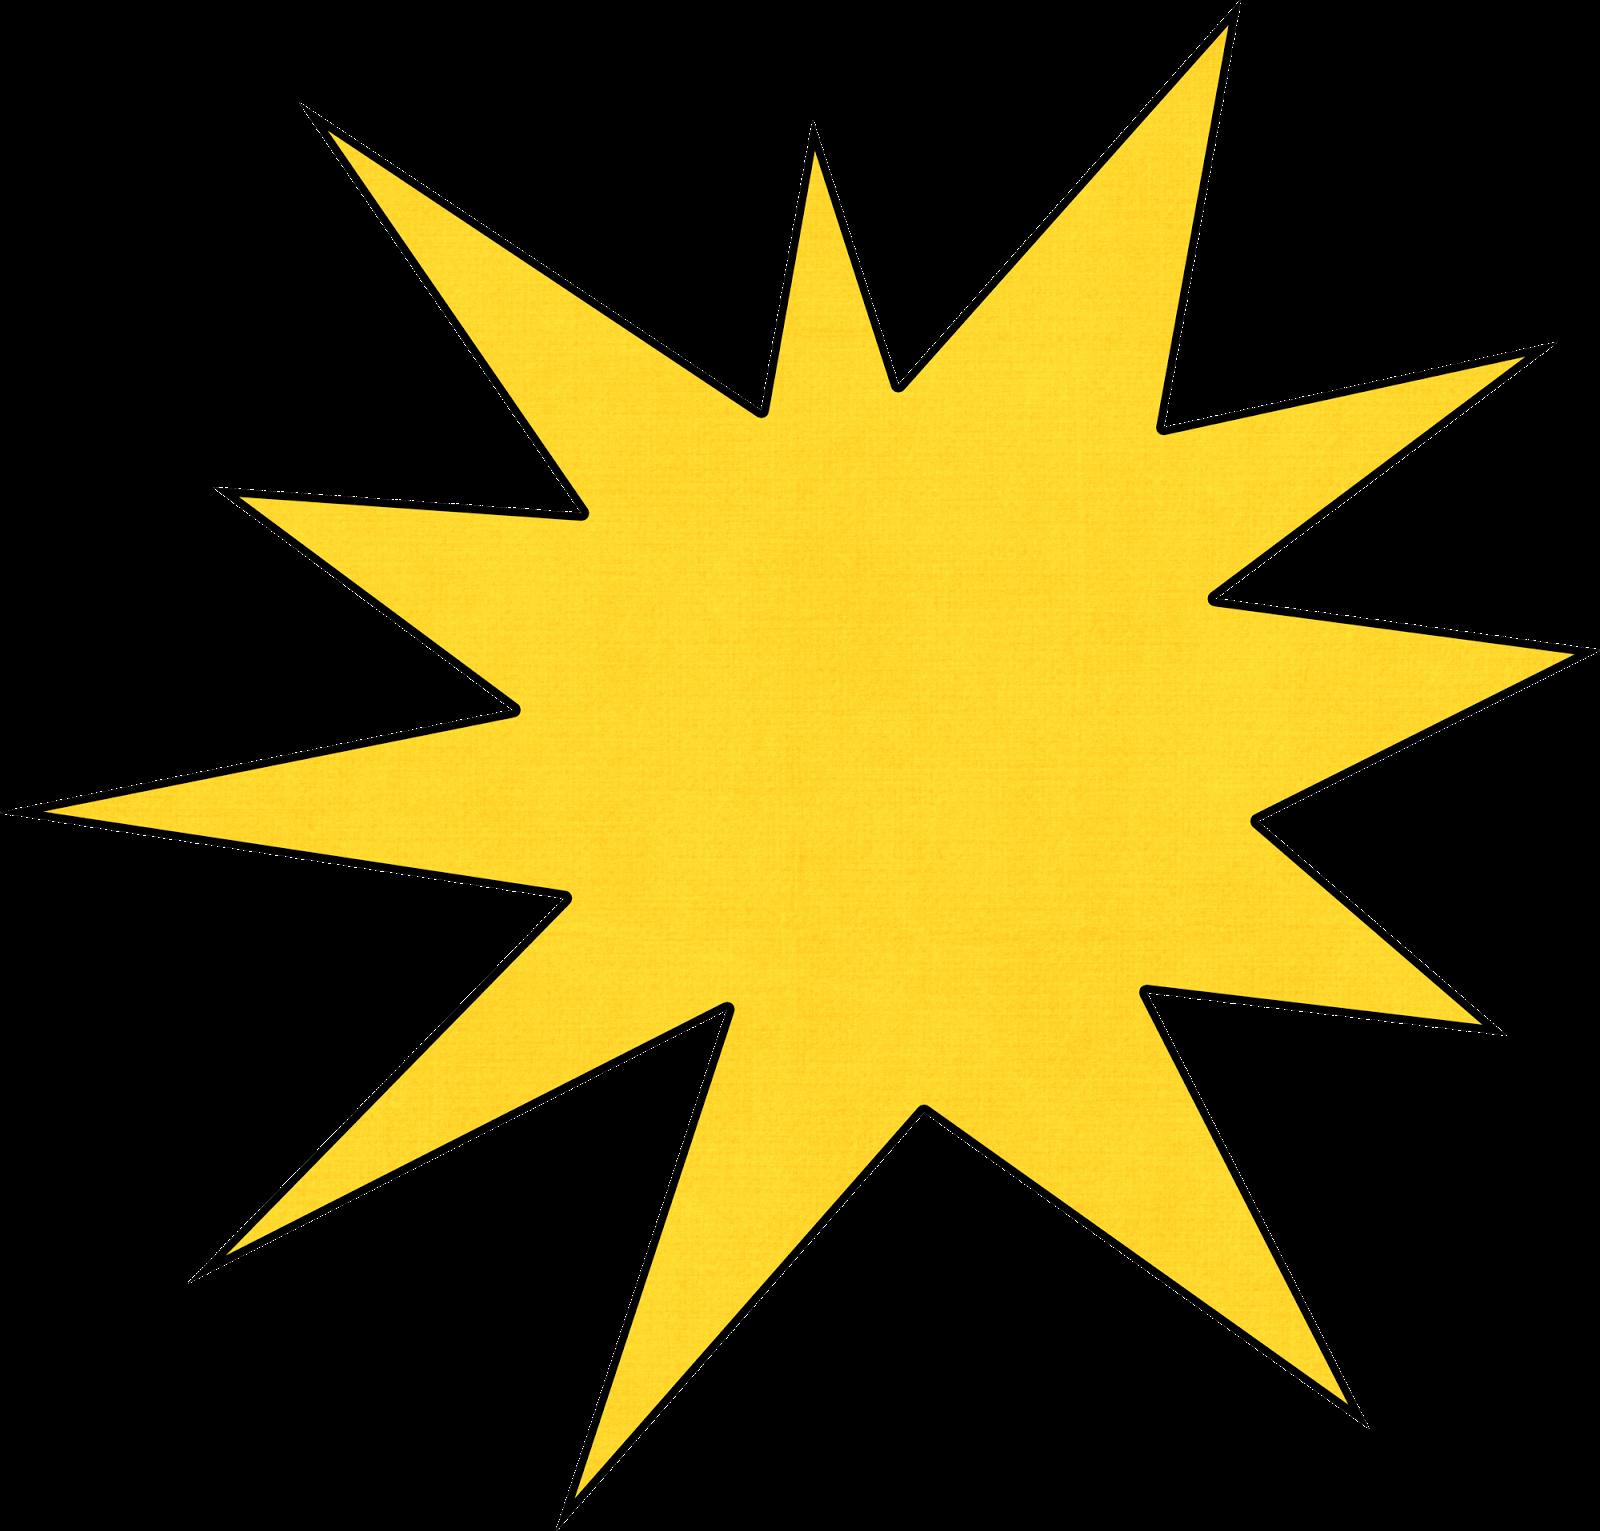 судеб звездочка многогранная картинка стильная плитка